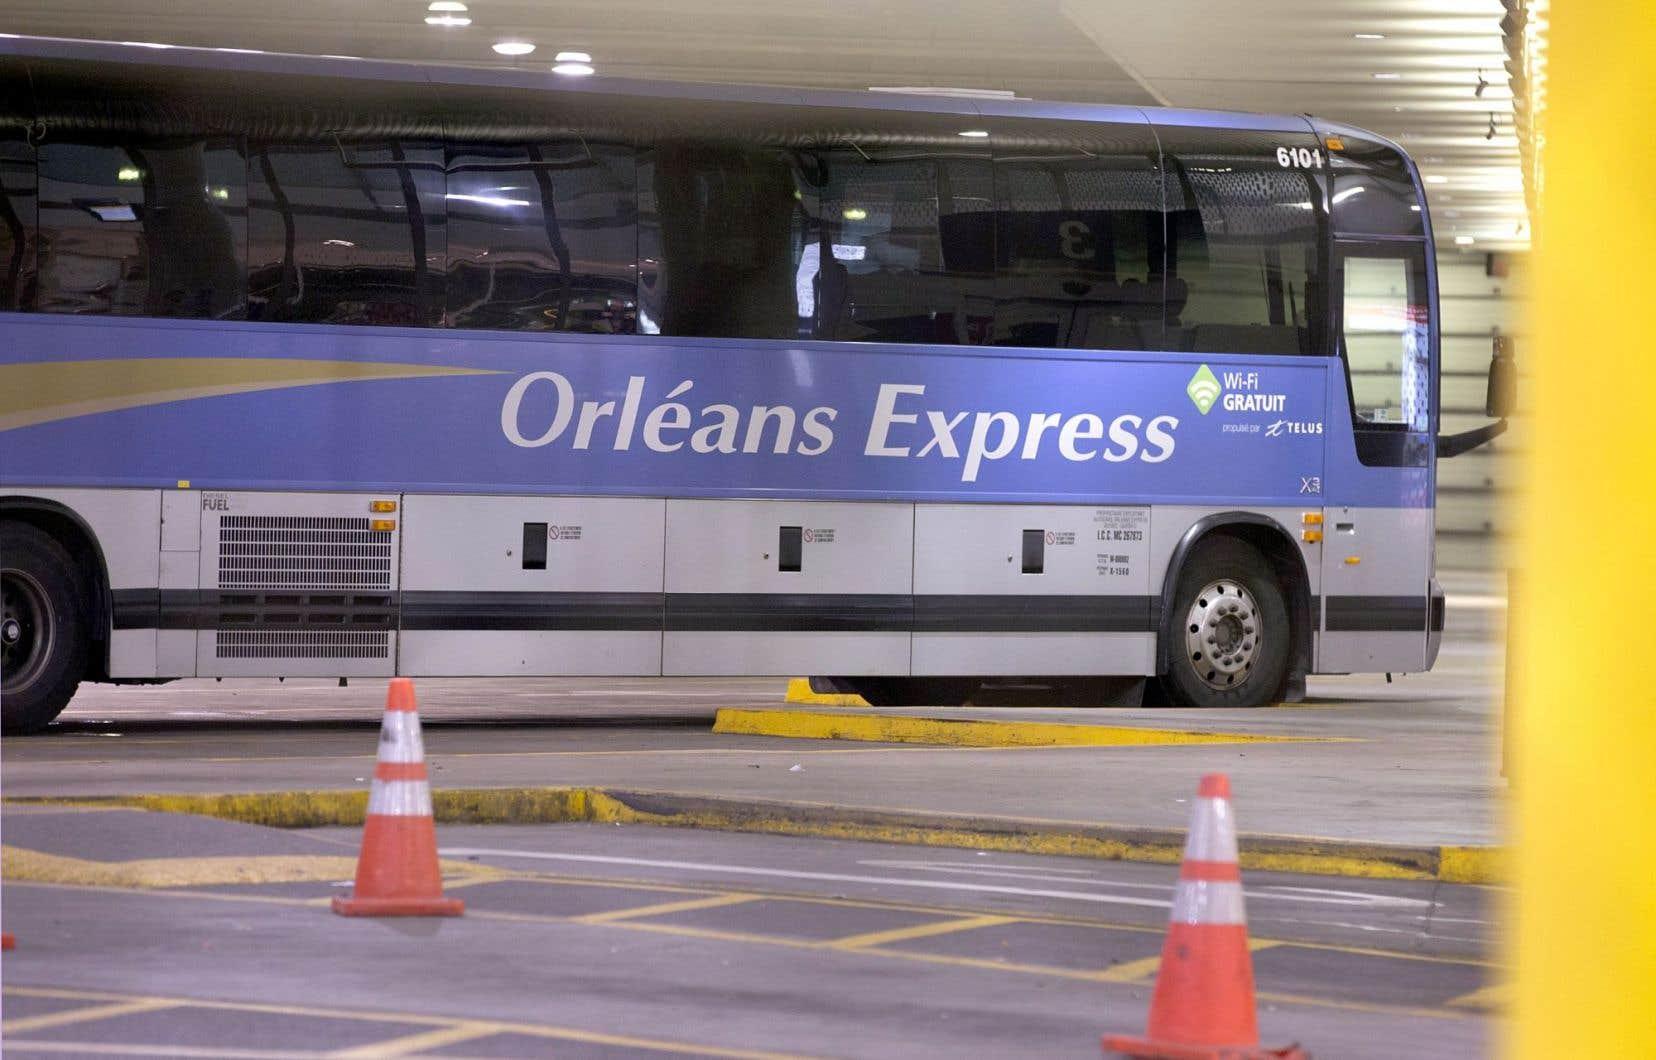 Le transporteur interrégional Orléans Express se concentre depuis janvier sur la liaison des grands centres, comme Montréal-Québec, qui conserve 17 départs par jour.